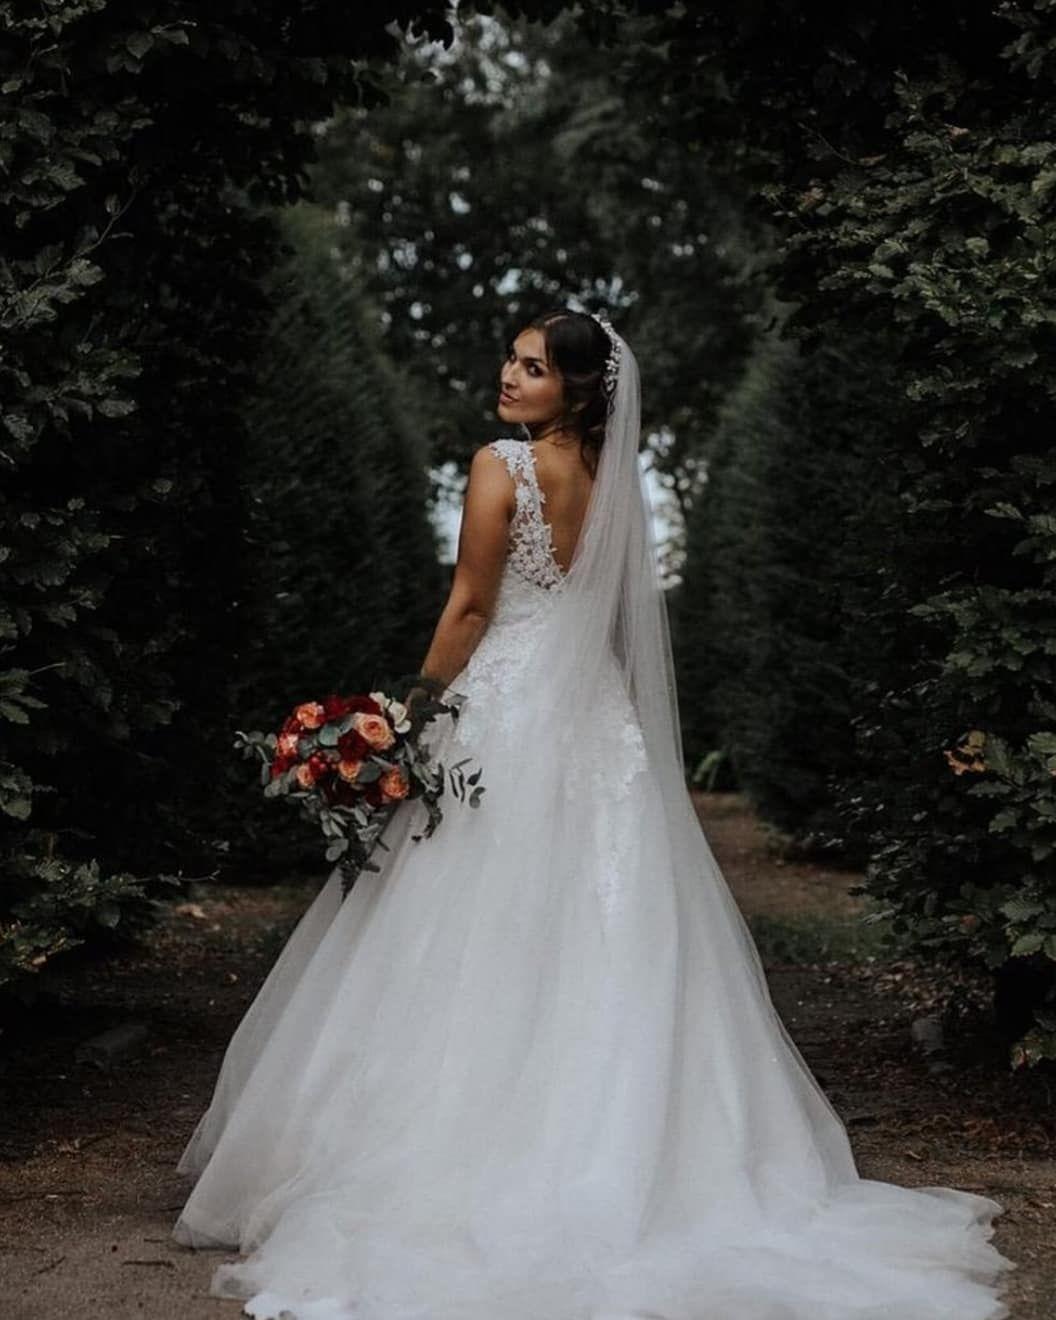 Brautkleid, Brautstrauß, Schleier, Brautkleid mit Schleppe